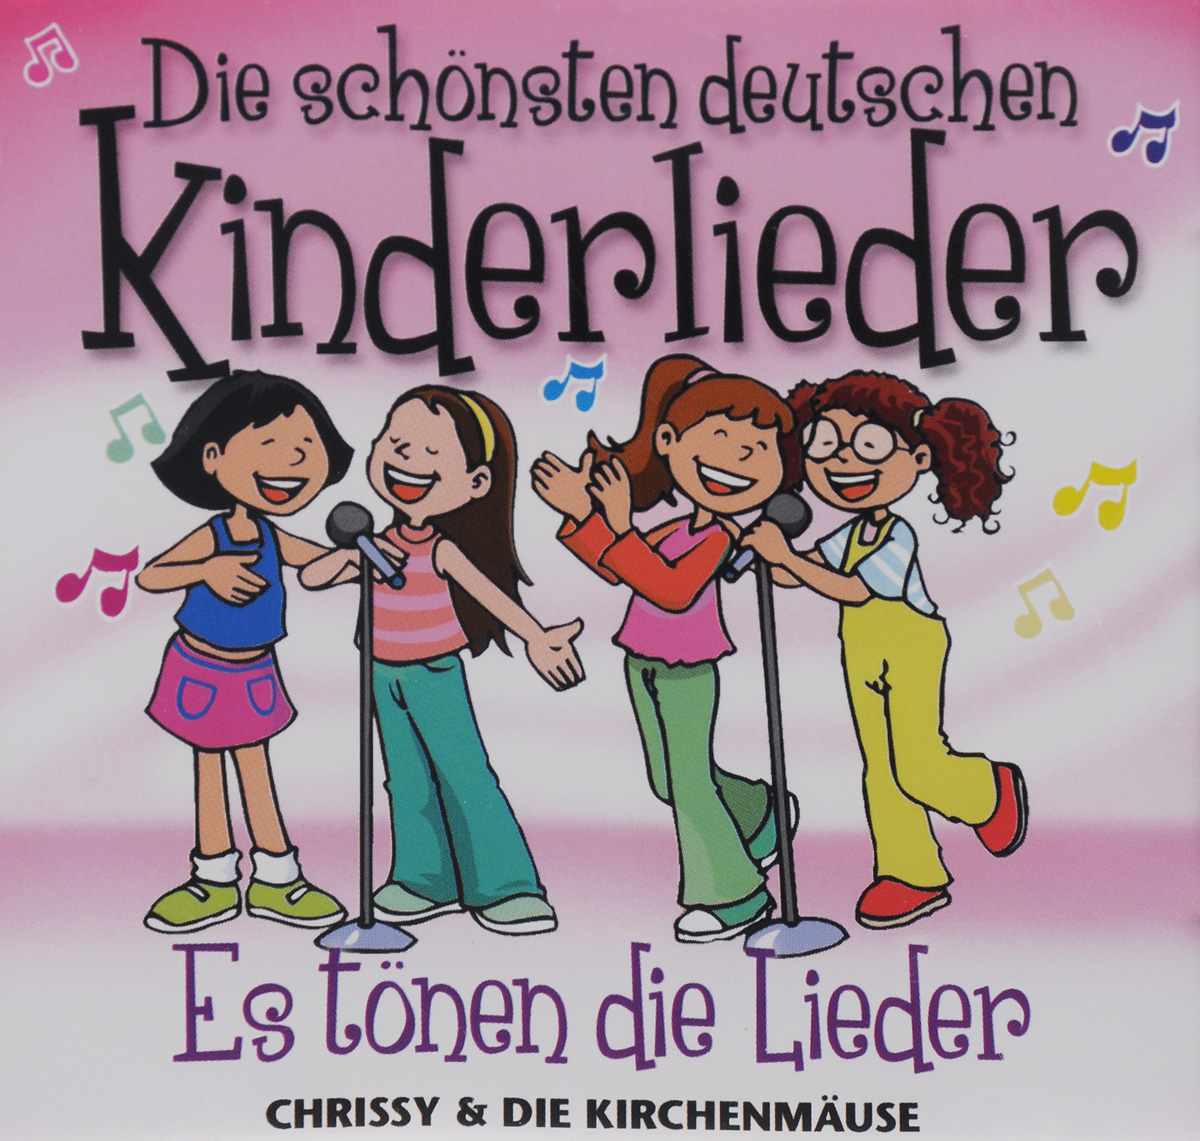 Chrissy,Die Kirchenmause Die Schonsten Deutschen Kinderlieder. Es Tonen die Lieder (CD) герметик силиконовый soudal санитарный бесцветный 300 мл